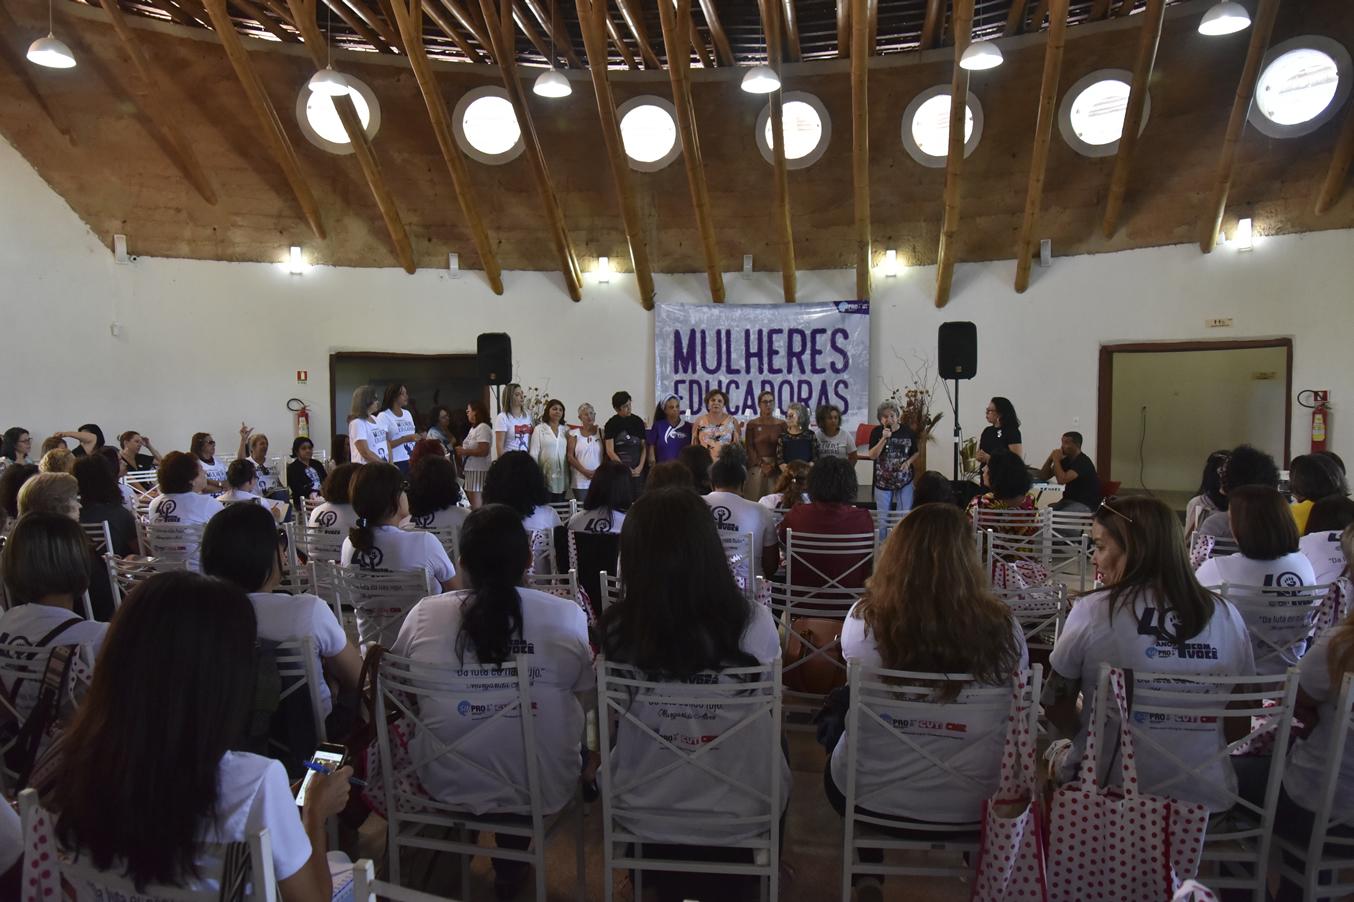 2019.04.27_ENCONTRO-MULHERES-EDUCADORAS_fotos-Deva-Garcia-54